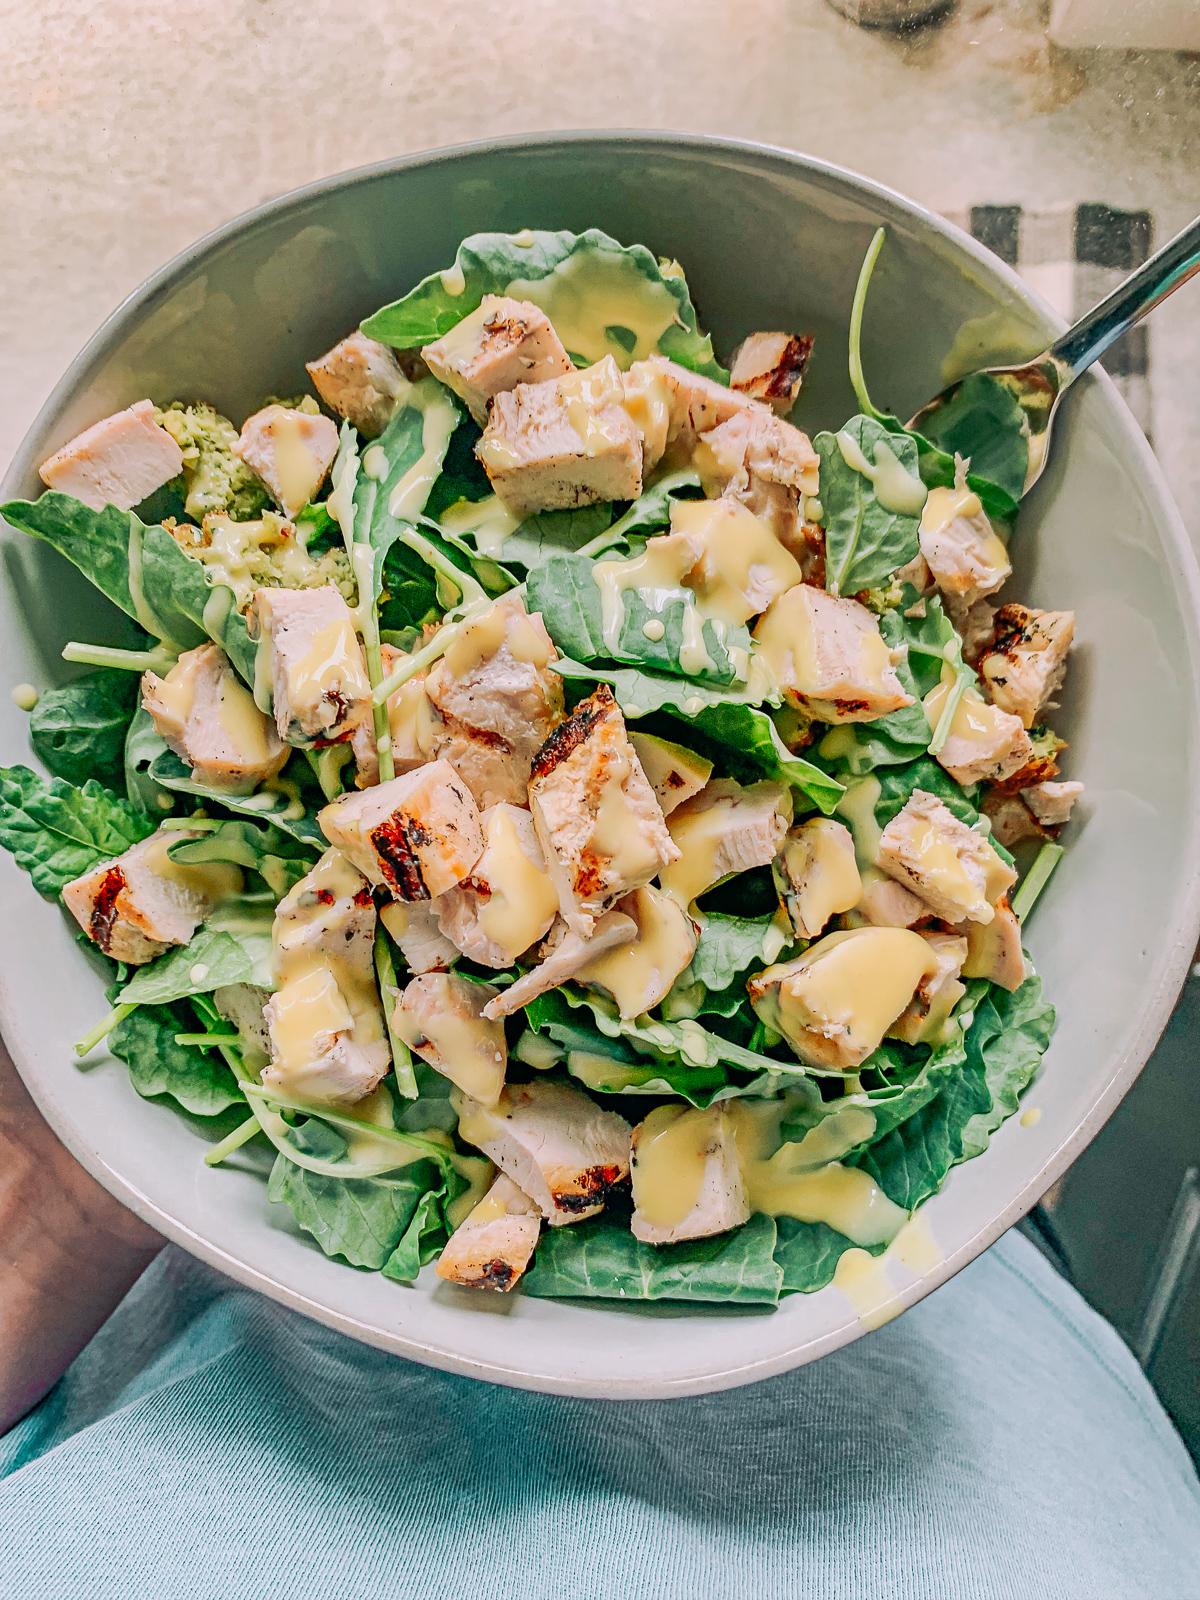 honey mustard, salad, kale salad, grilled chicken, dairy free, gluten free